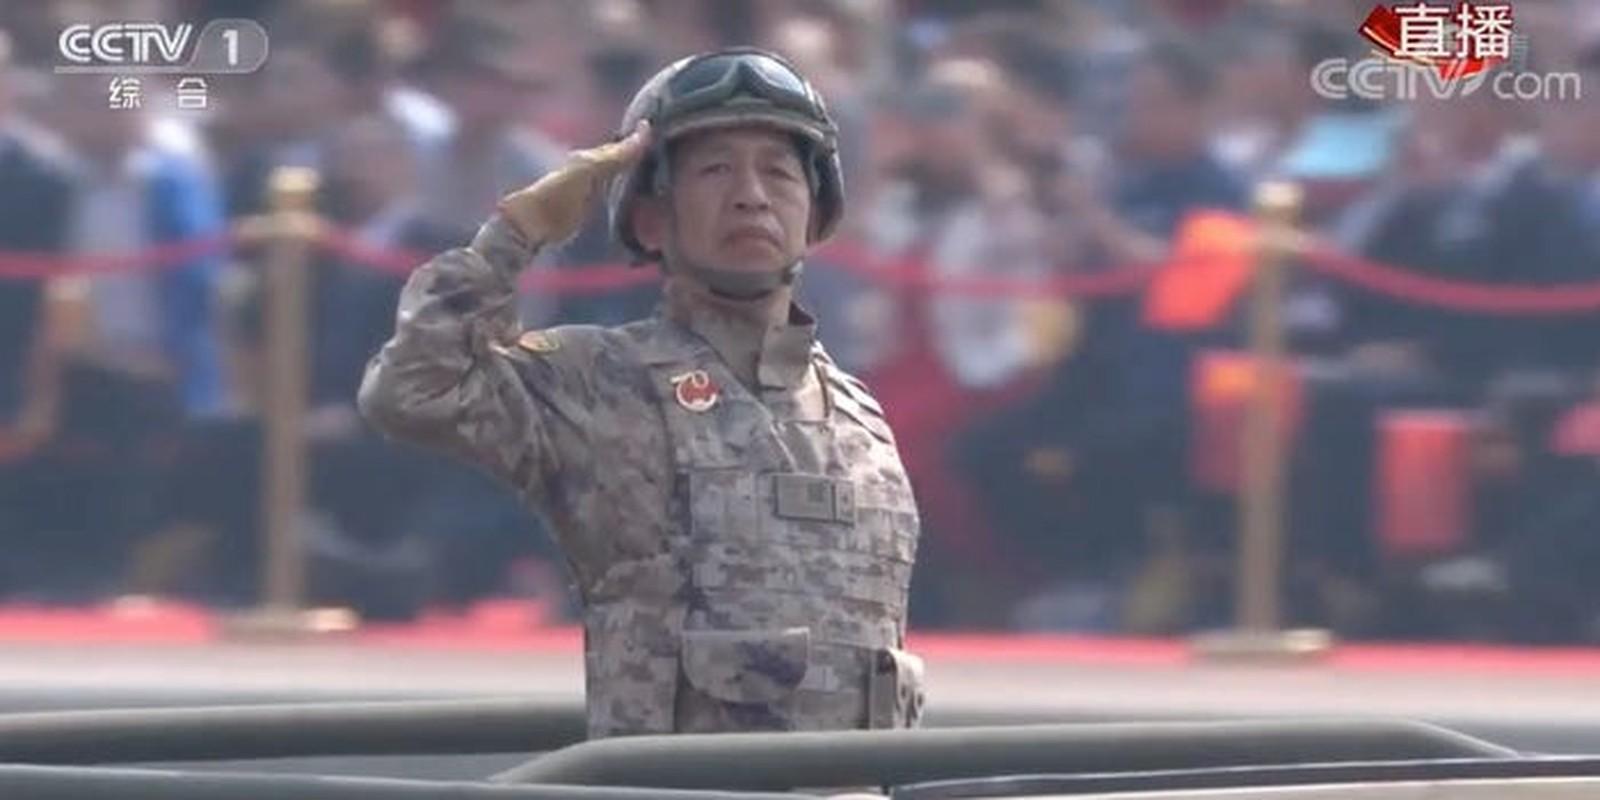 Nghi van ve dau hieu la tren quan phuc cua binh si Trung Quoc-Hinh-2